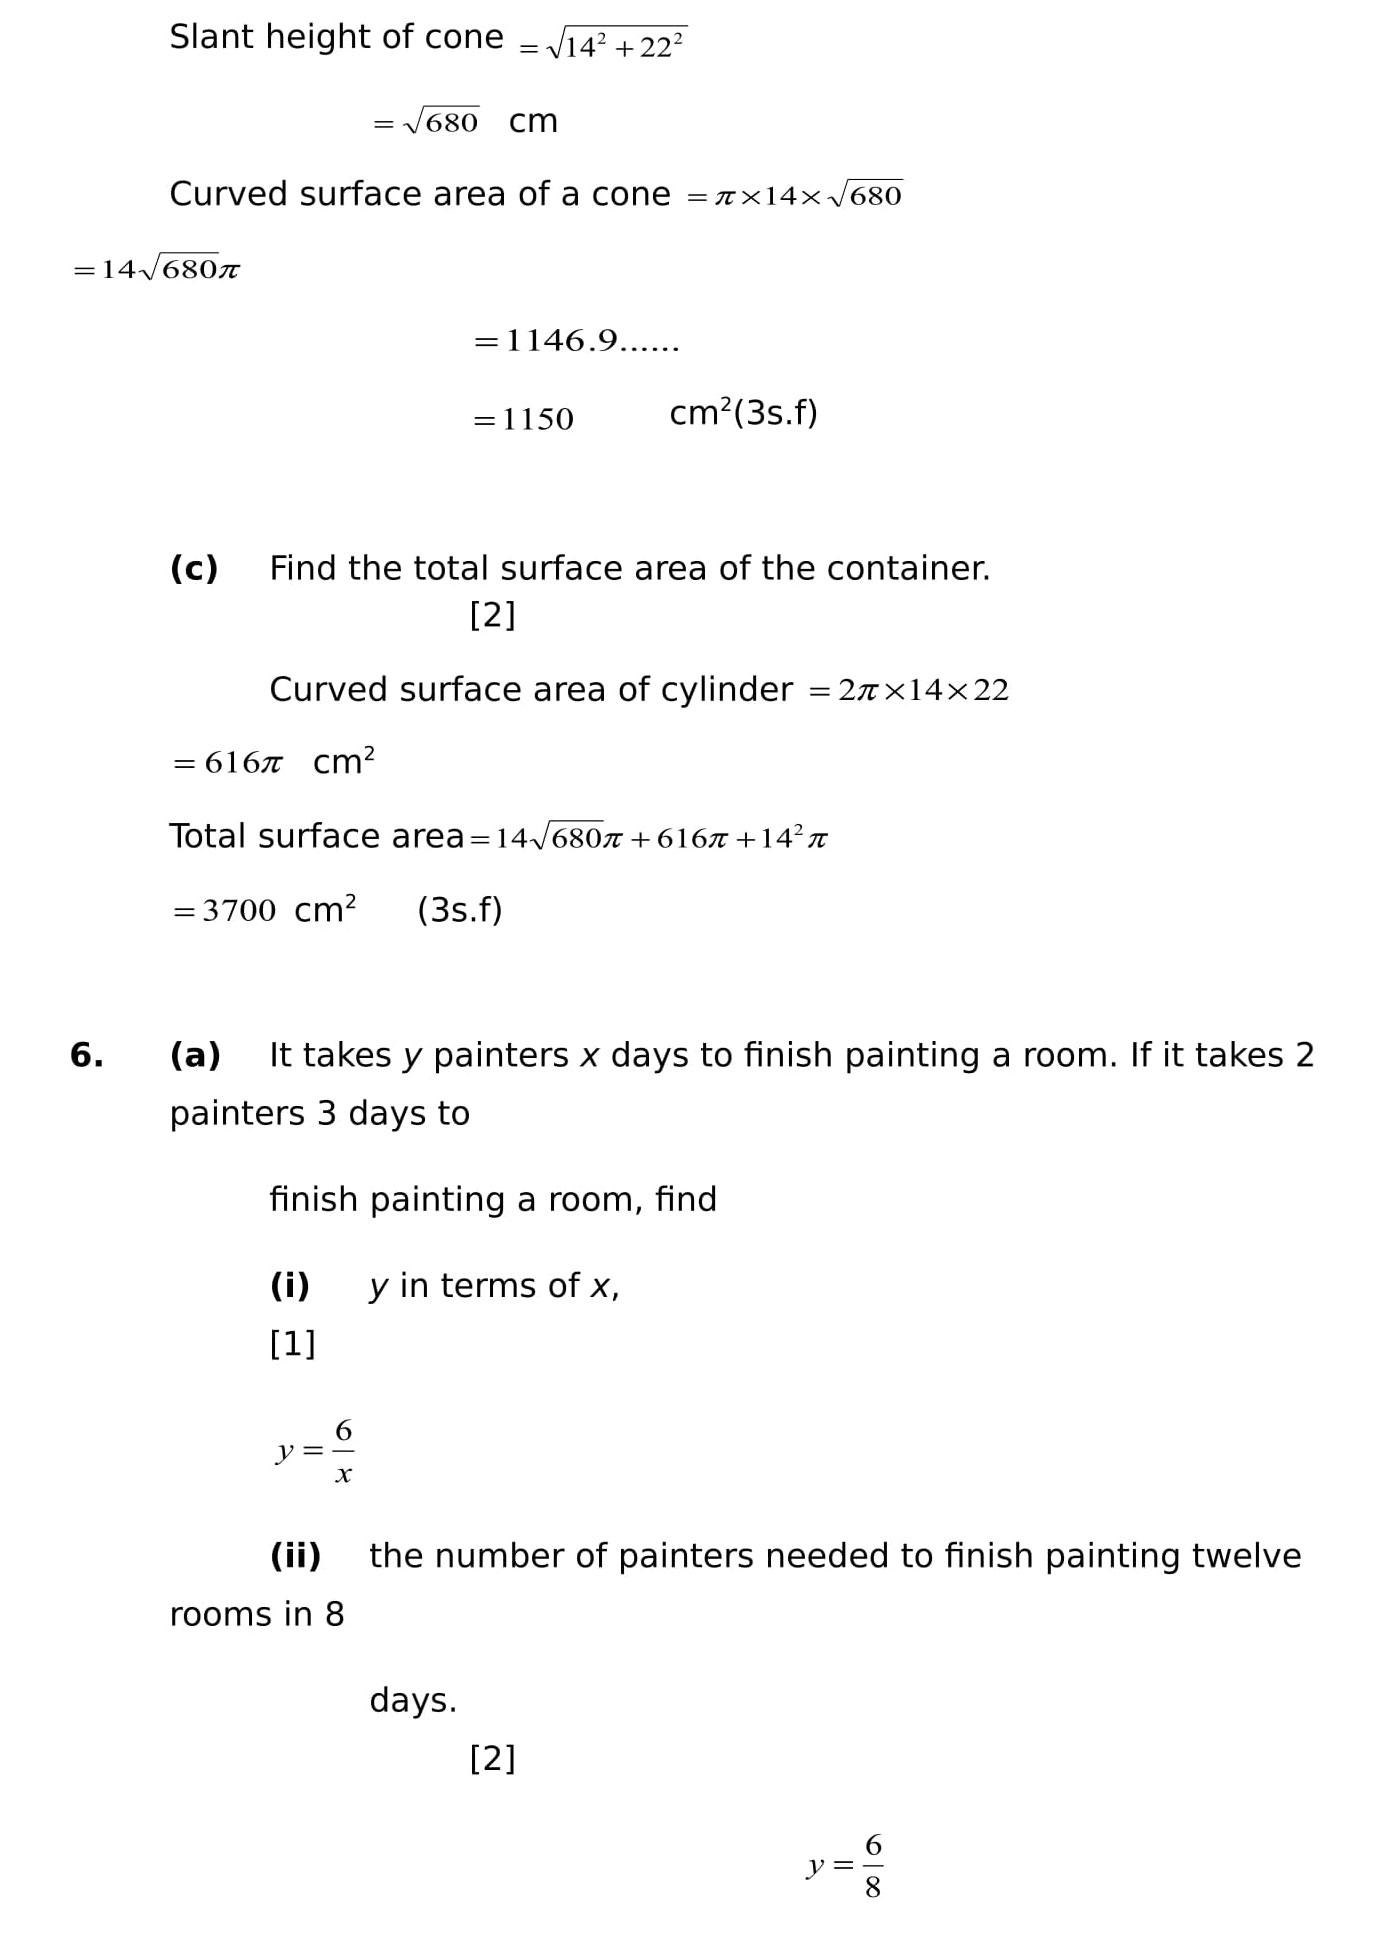 maths_tuition_q